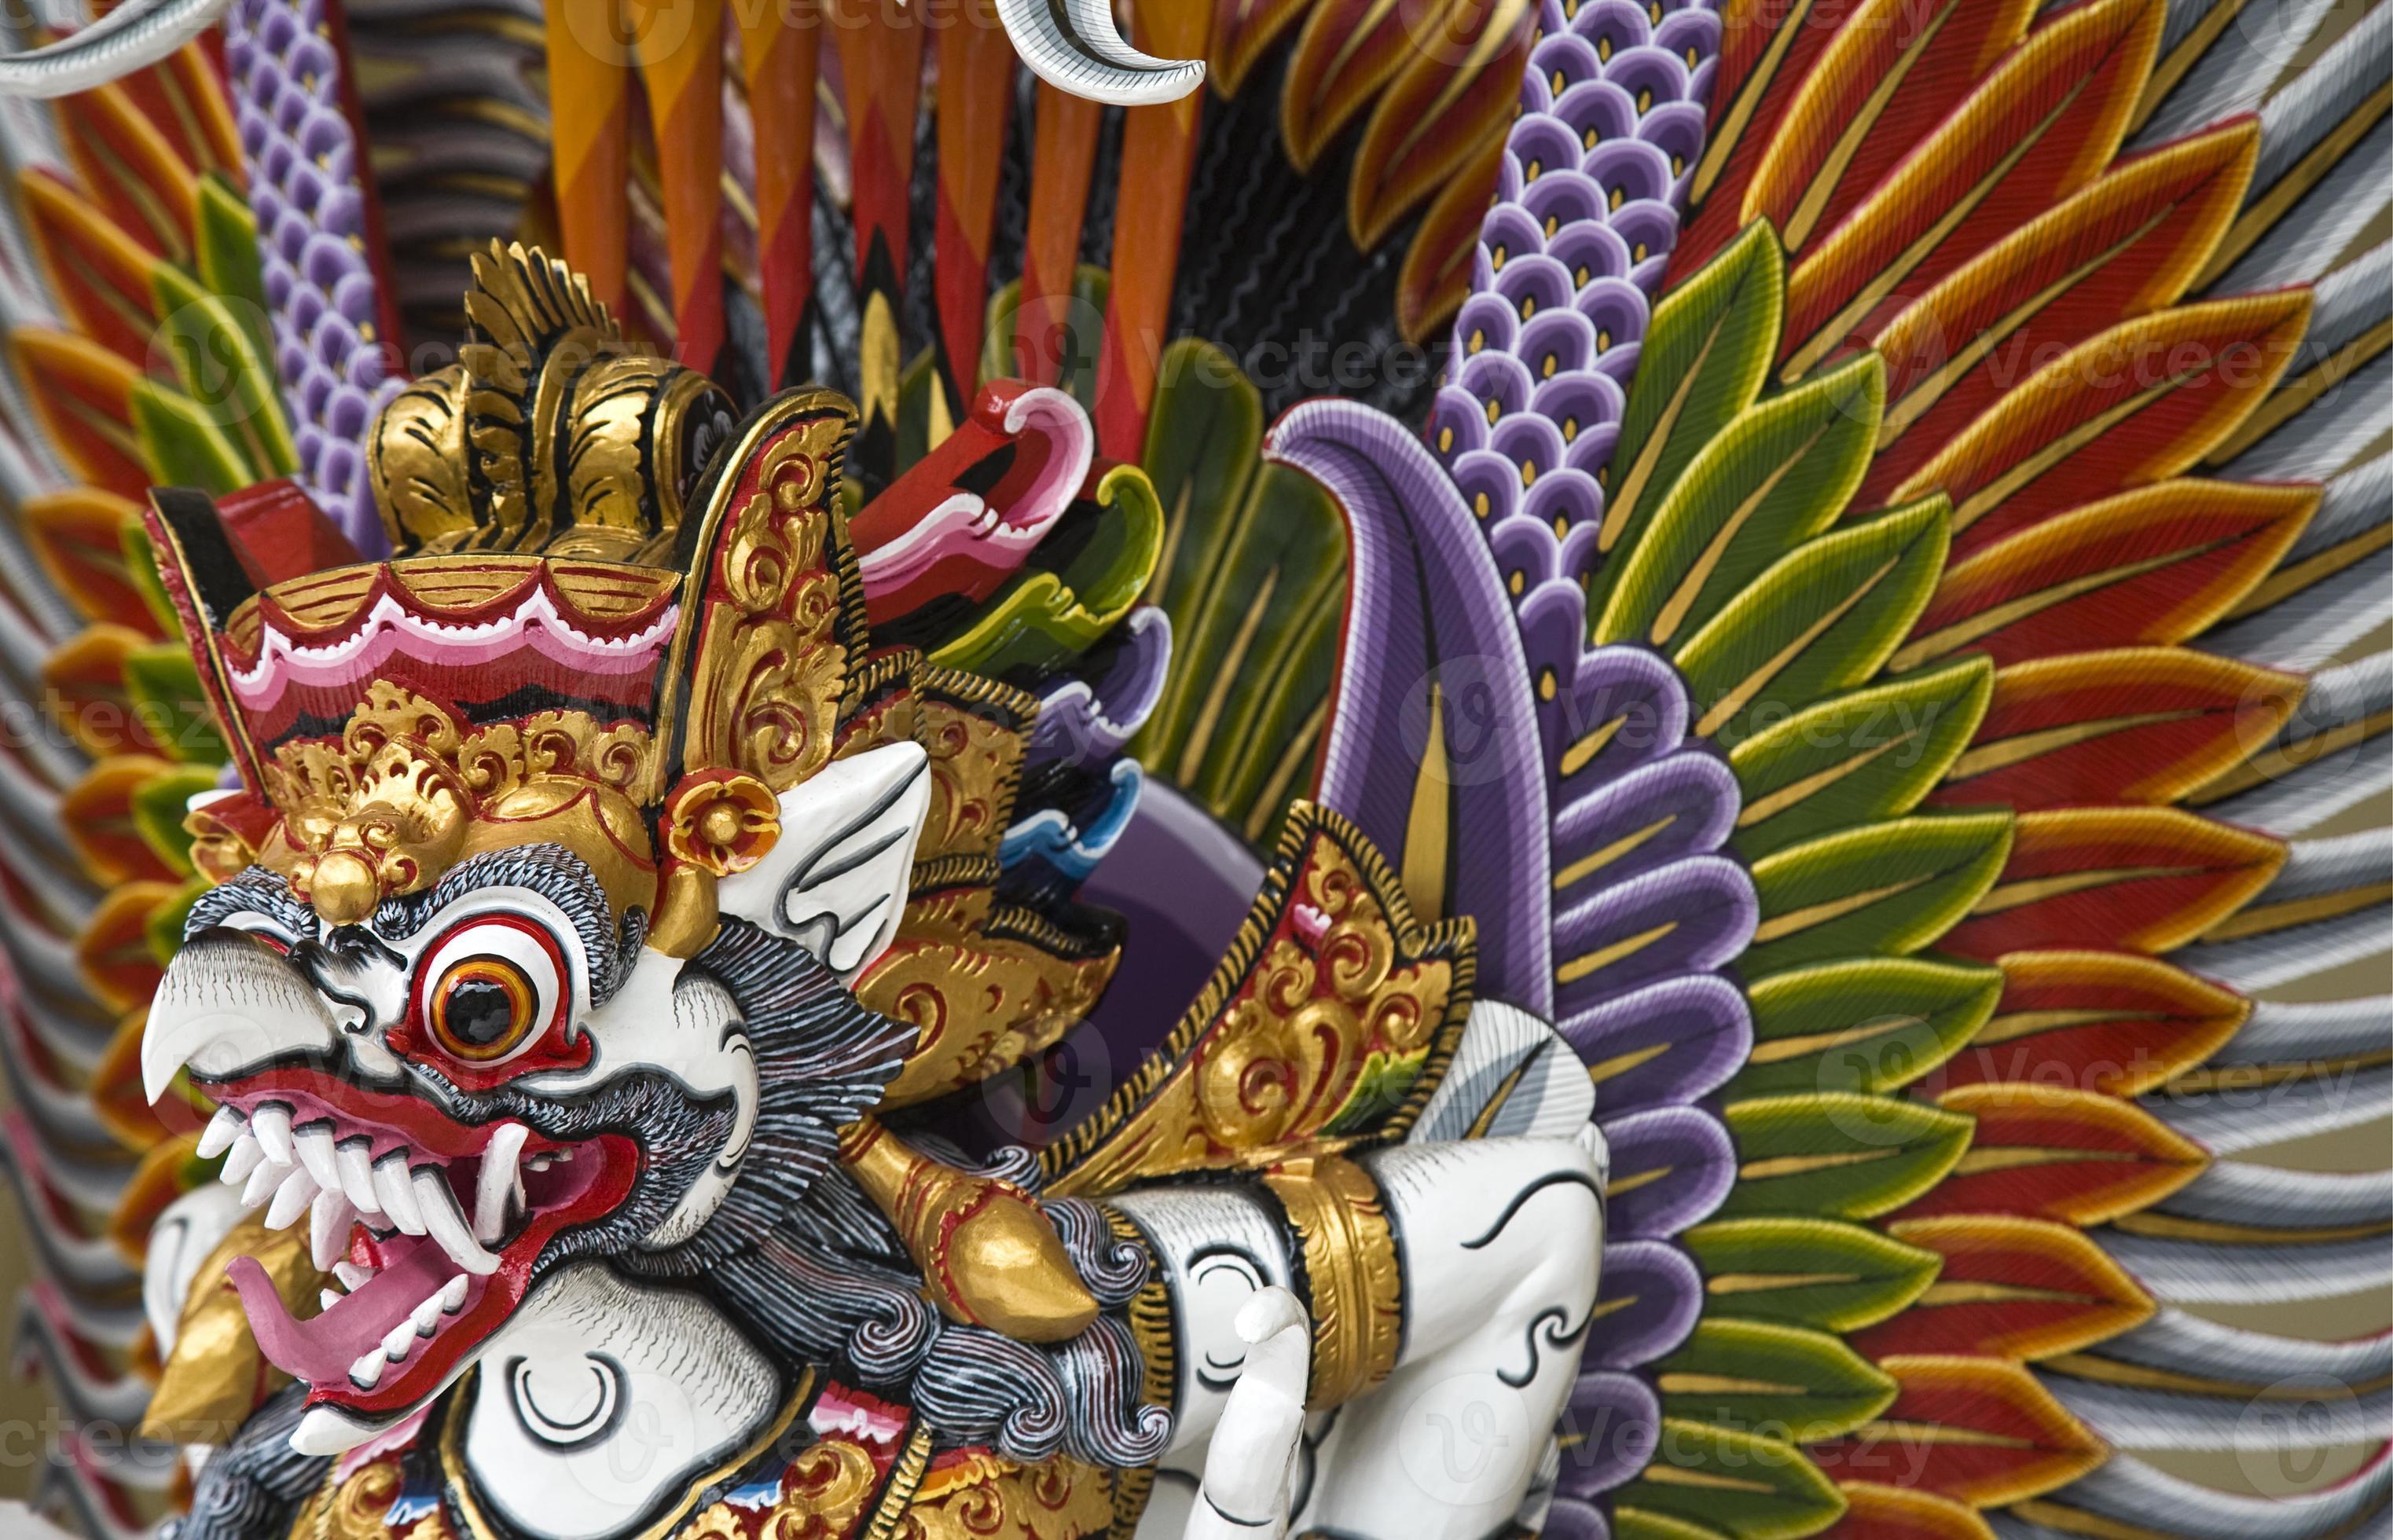 uma ilustração de garuda da mitologia hindu 909307 Foto de stock no Vecteezy